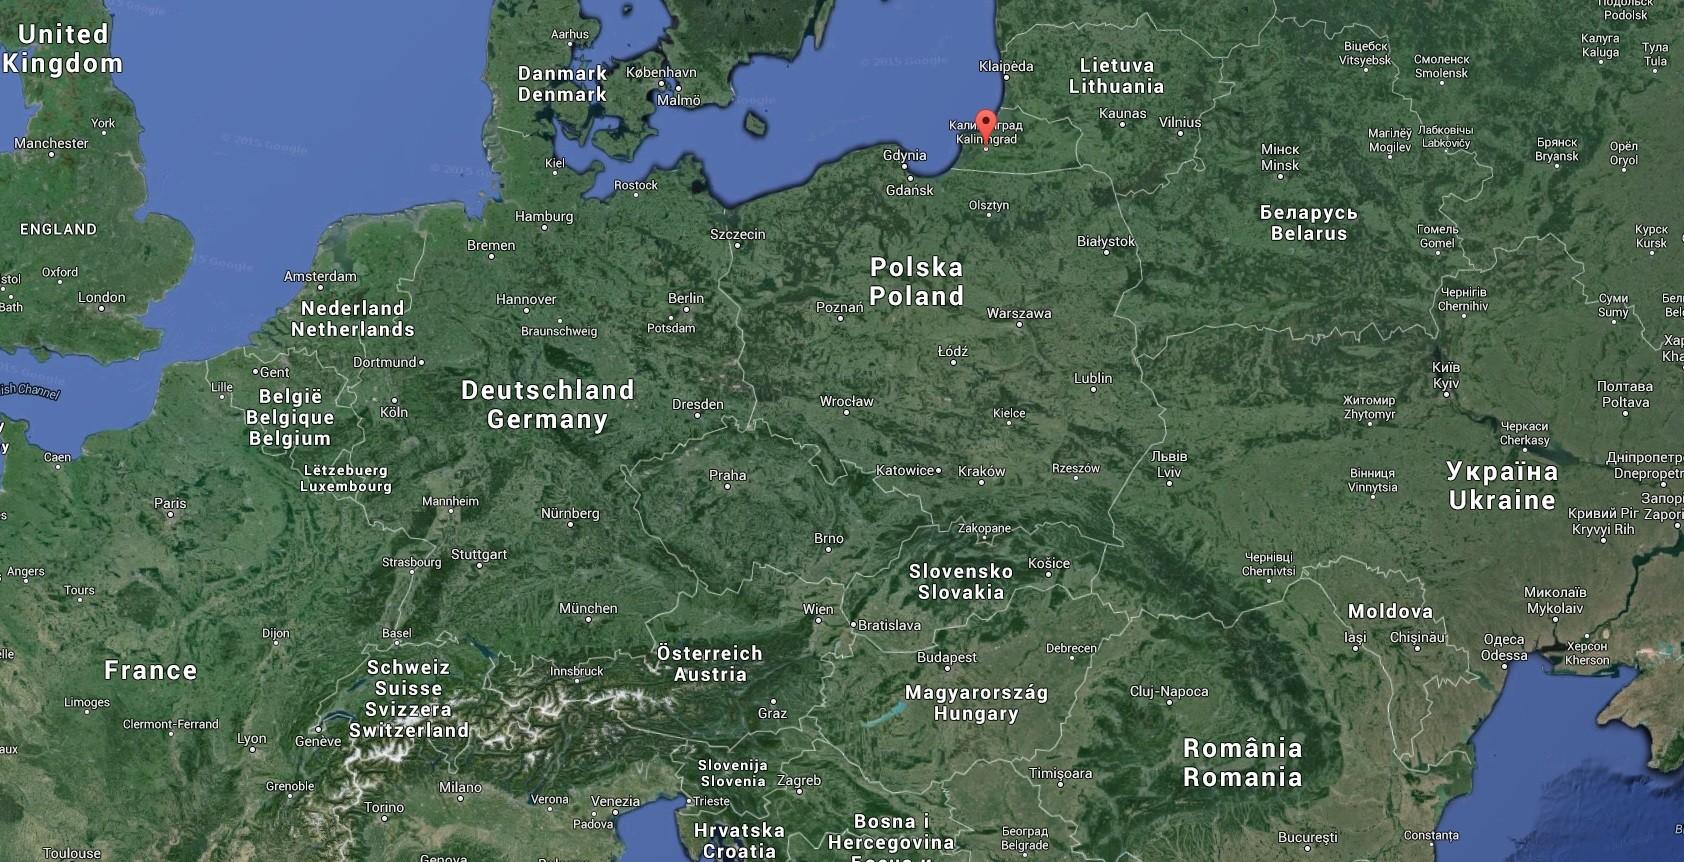 L'enclave russe de Kaliningrad (capture d'écran de Google Maps)